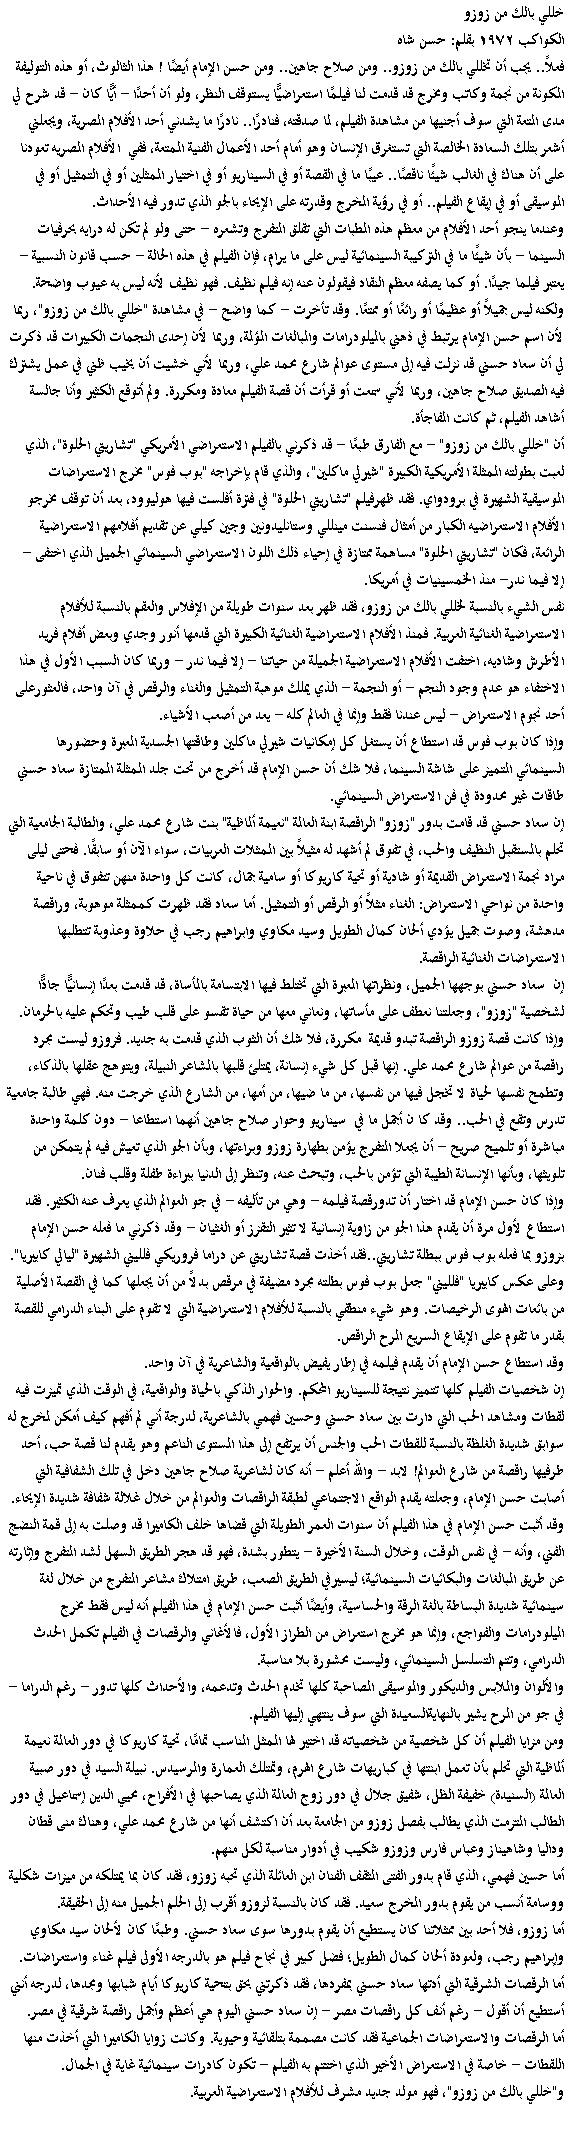 نقد صحفي : عن فيلم خلي بالك من زوزو 1972 م A_aoaa33